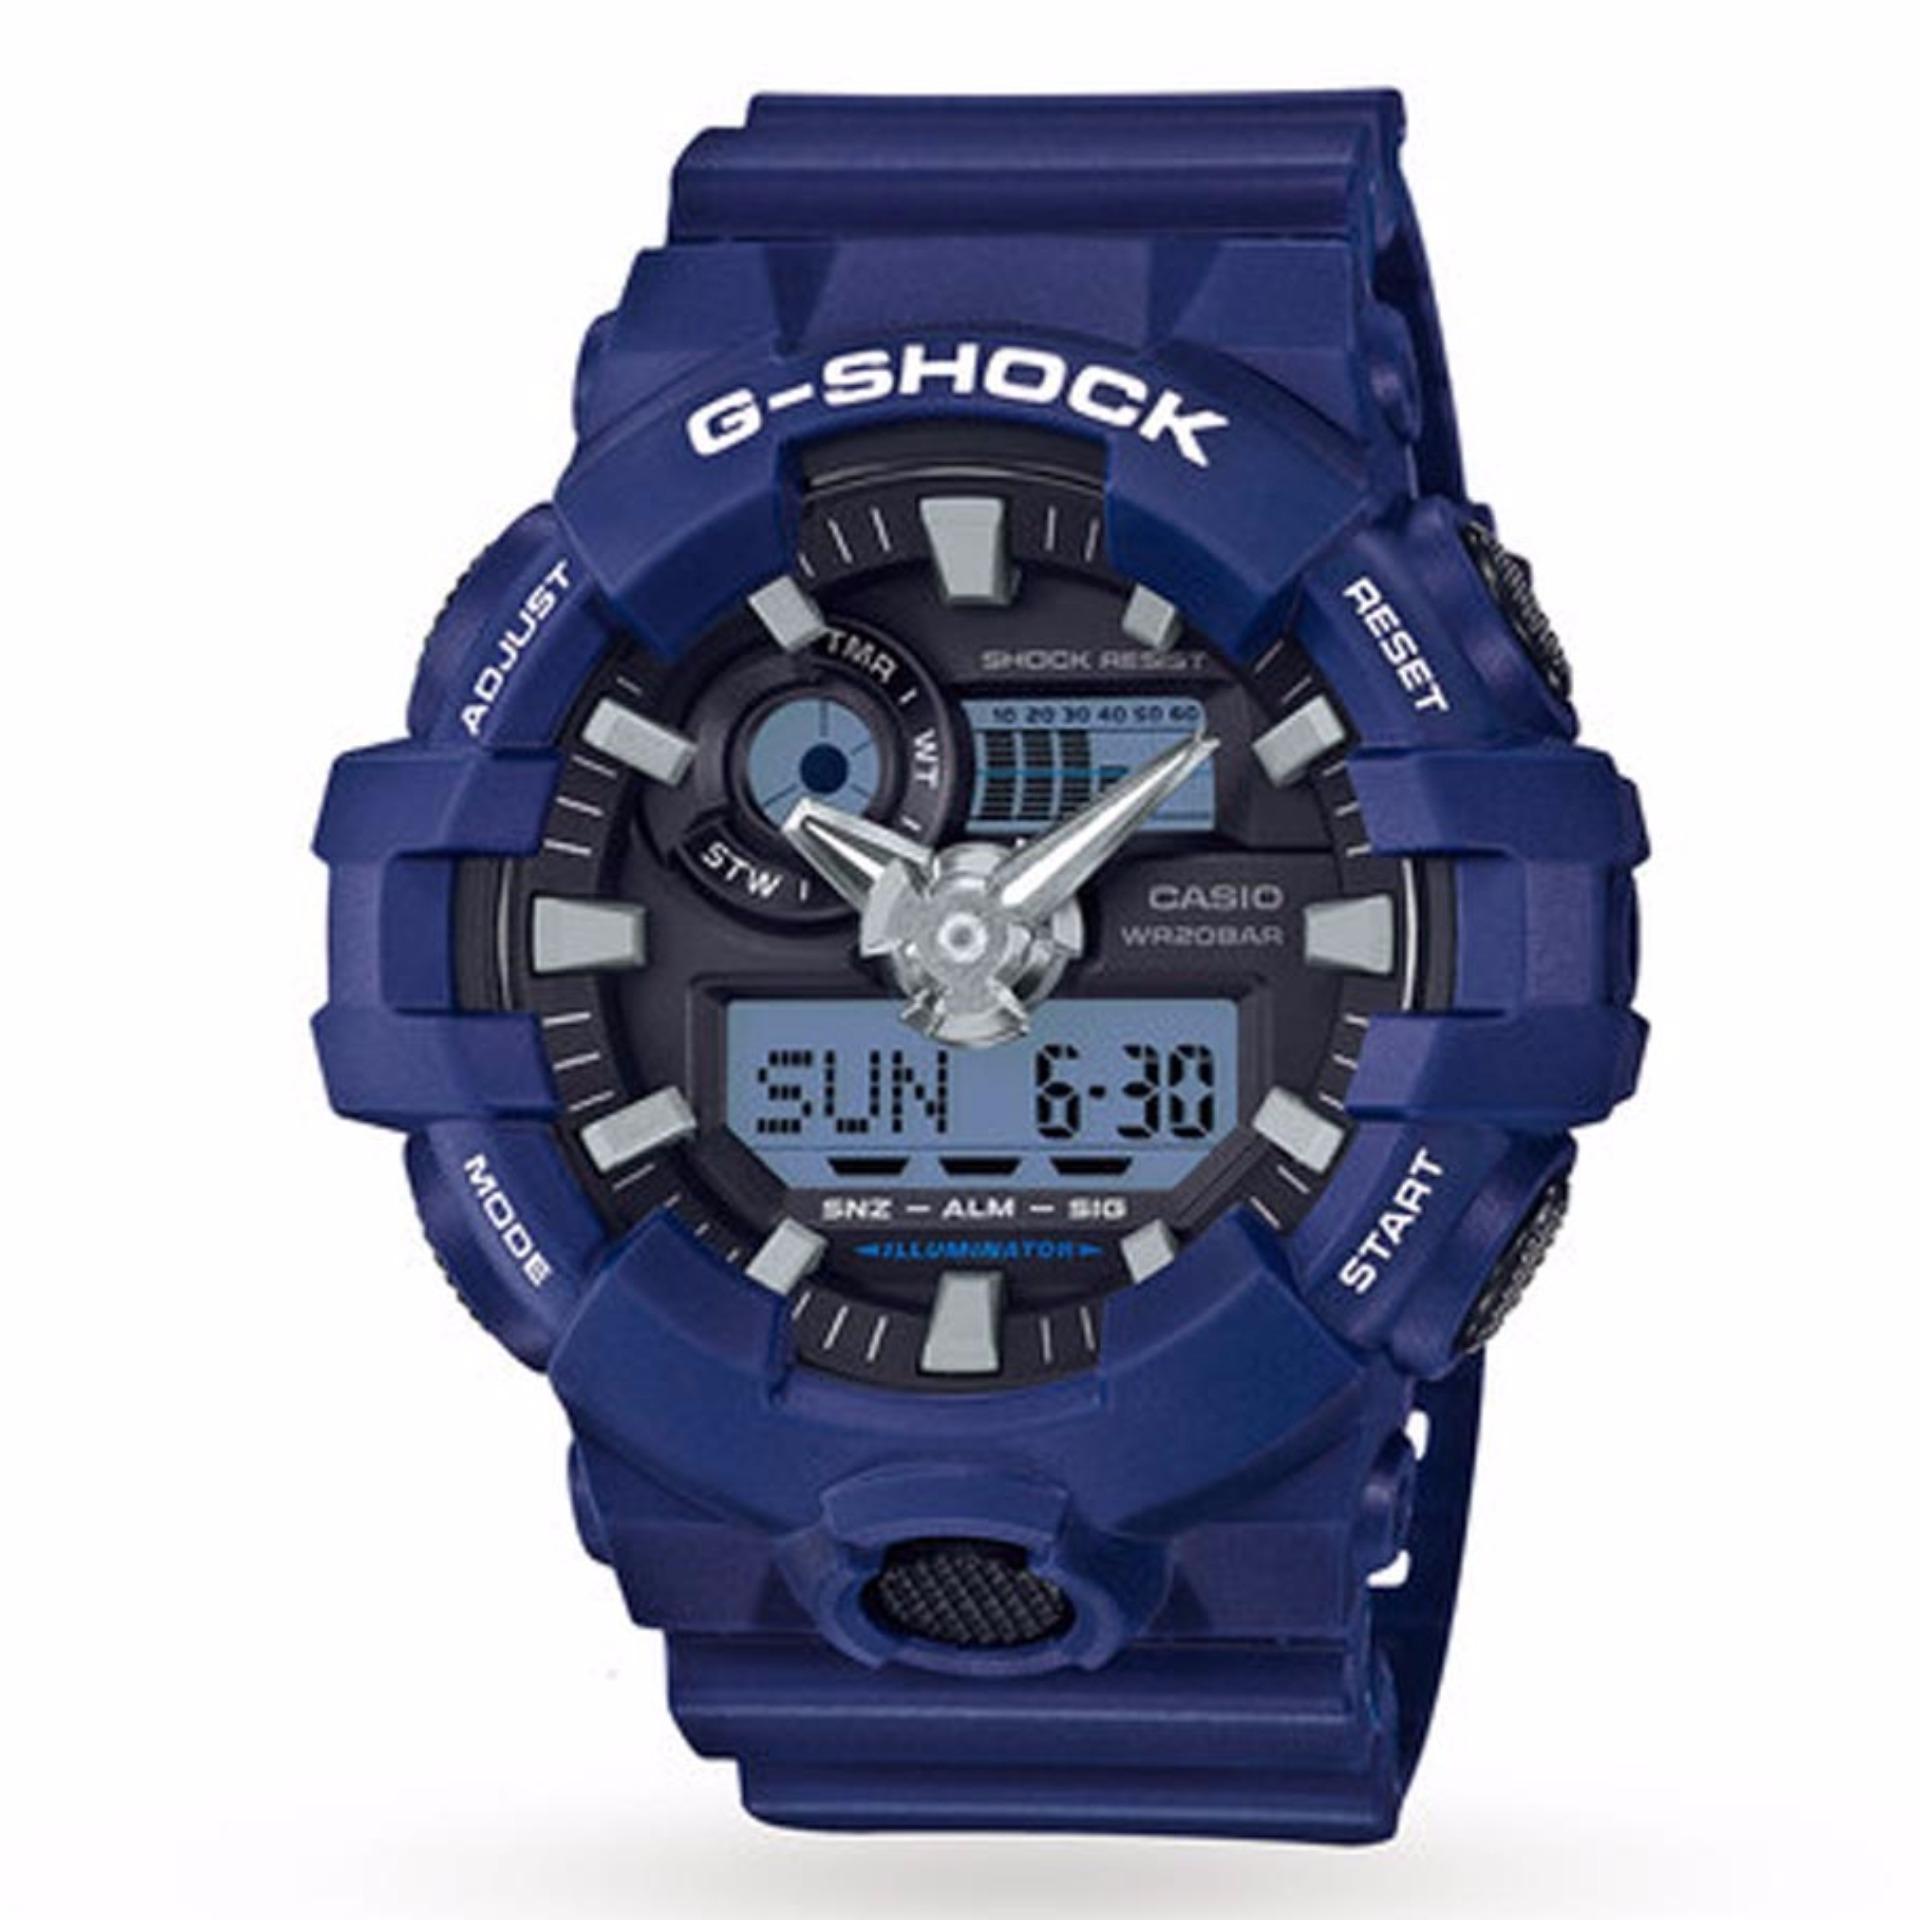 Alghani Watch G-SHOCK GA700SERIES Jam Tangan Sport Pria Analog/Digital - Tali Karet